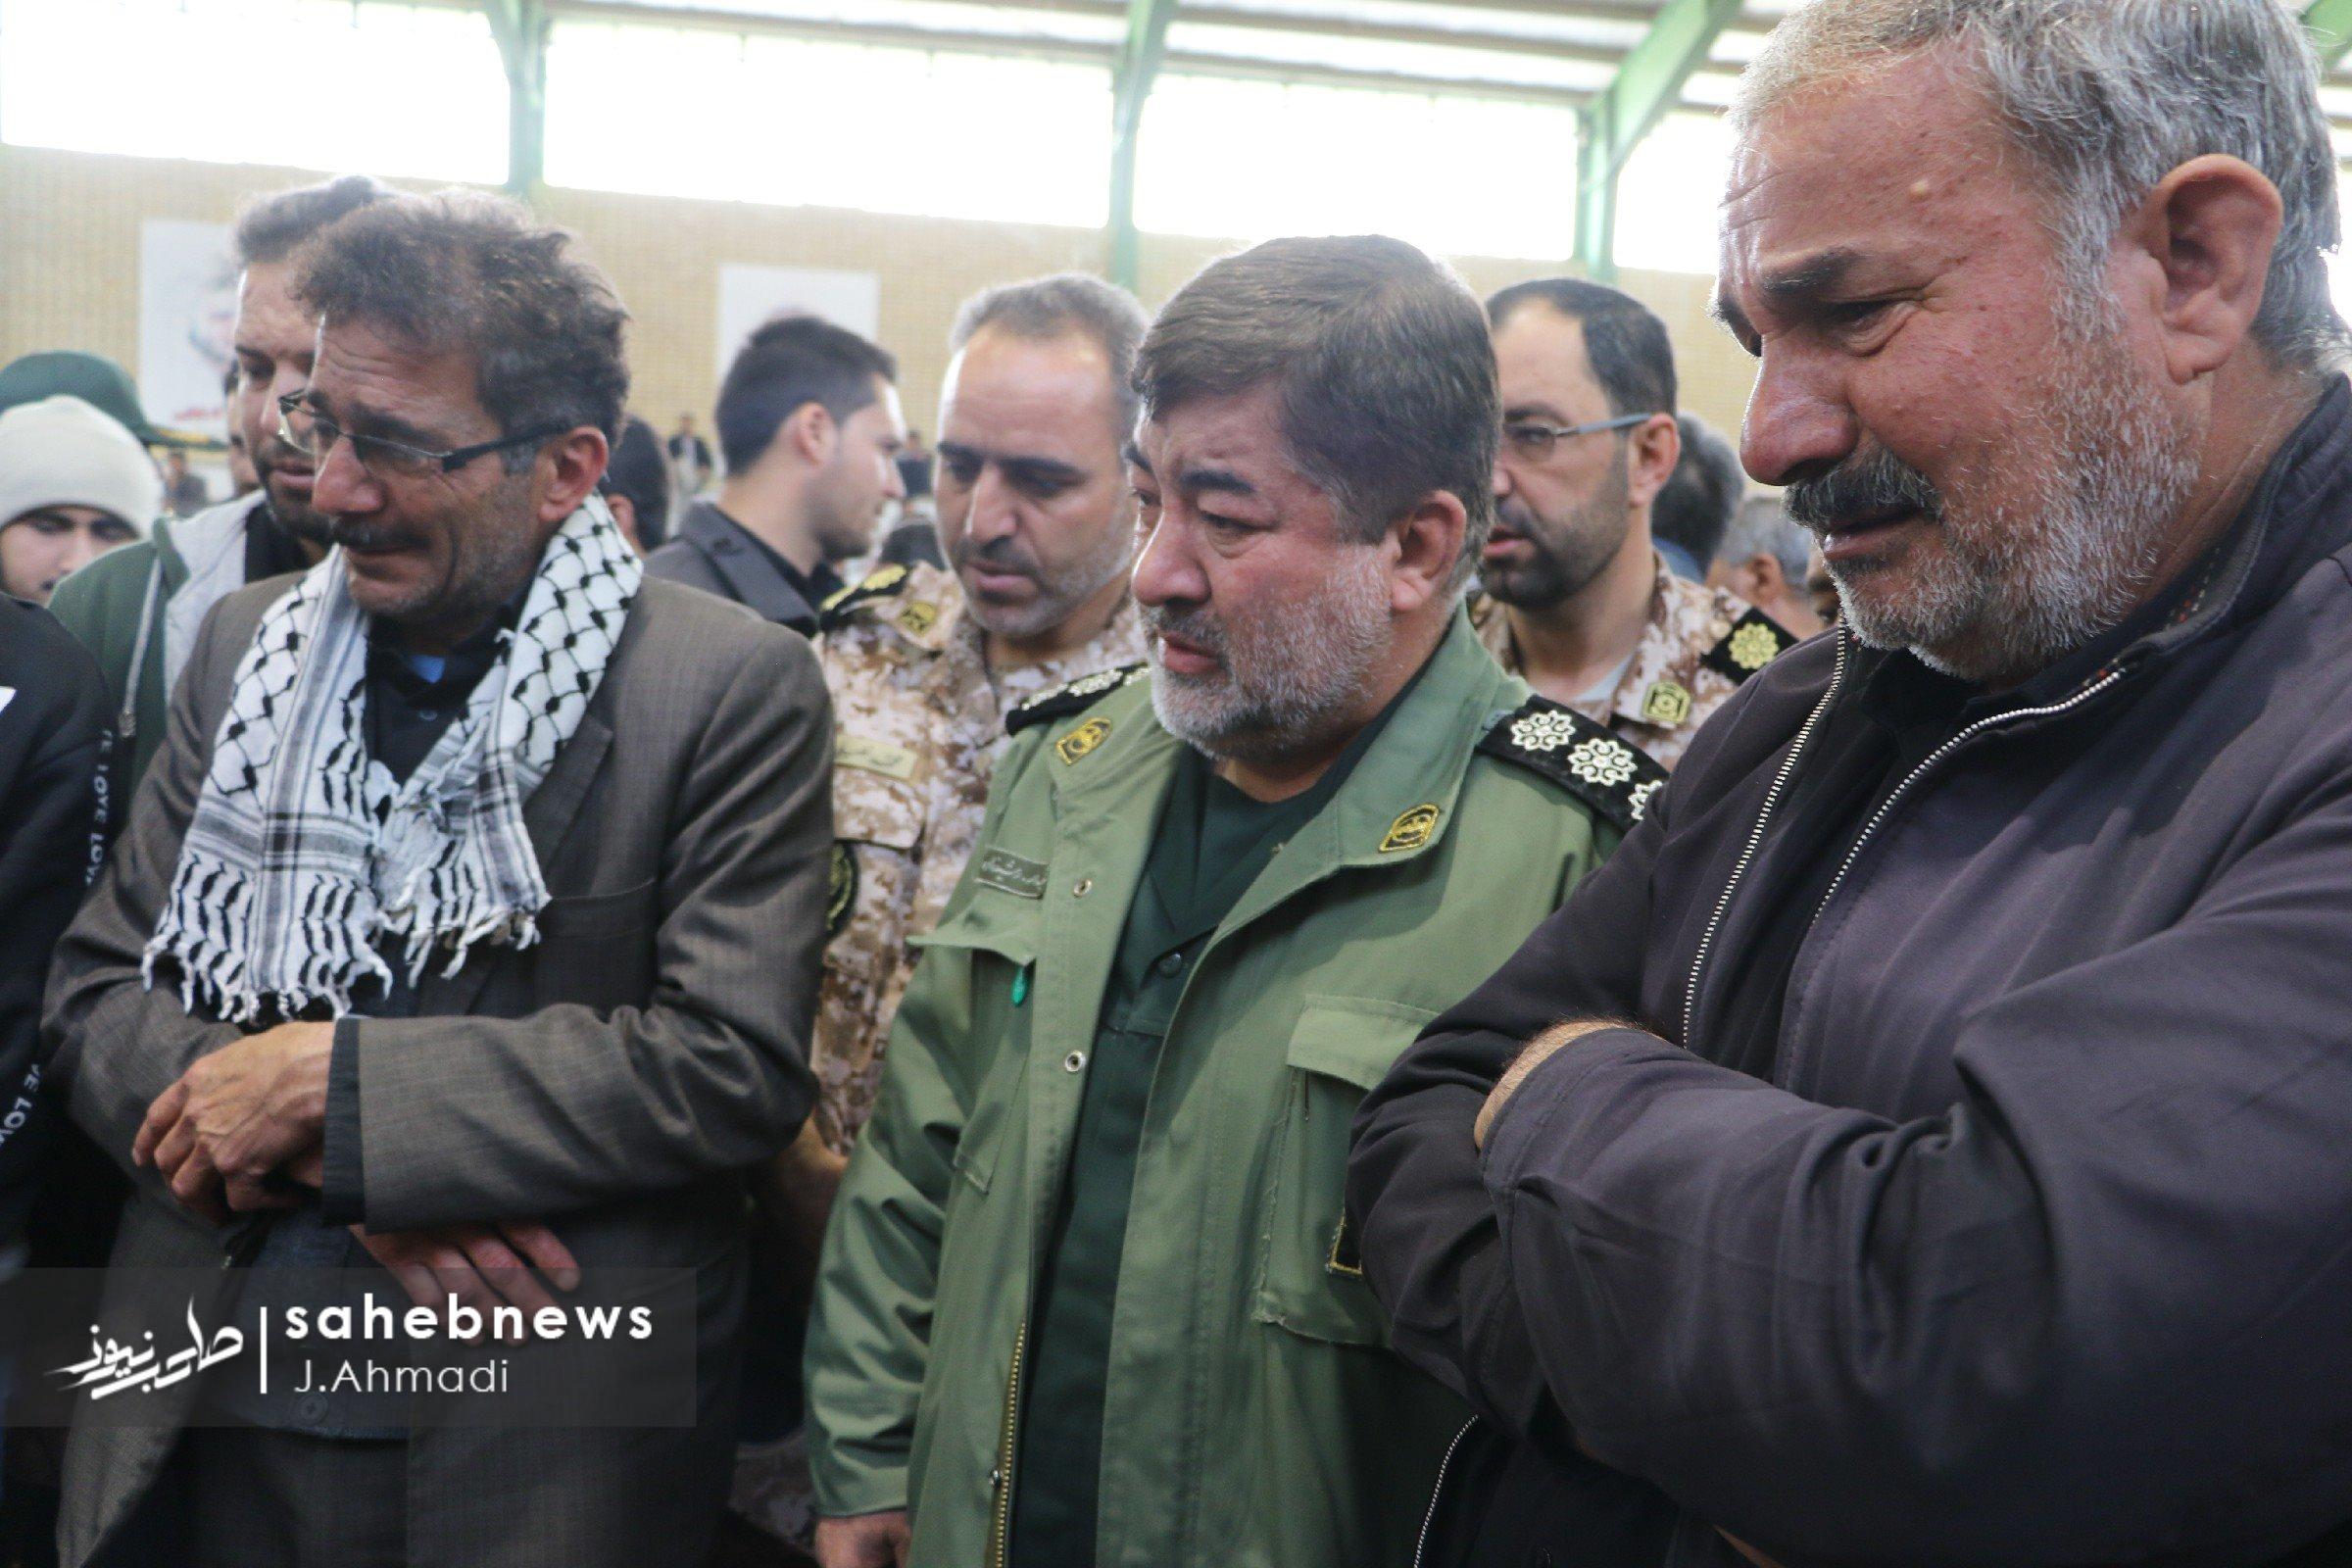 27 شهید حادثه تروریستی اصفهان (11)